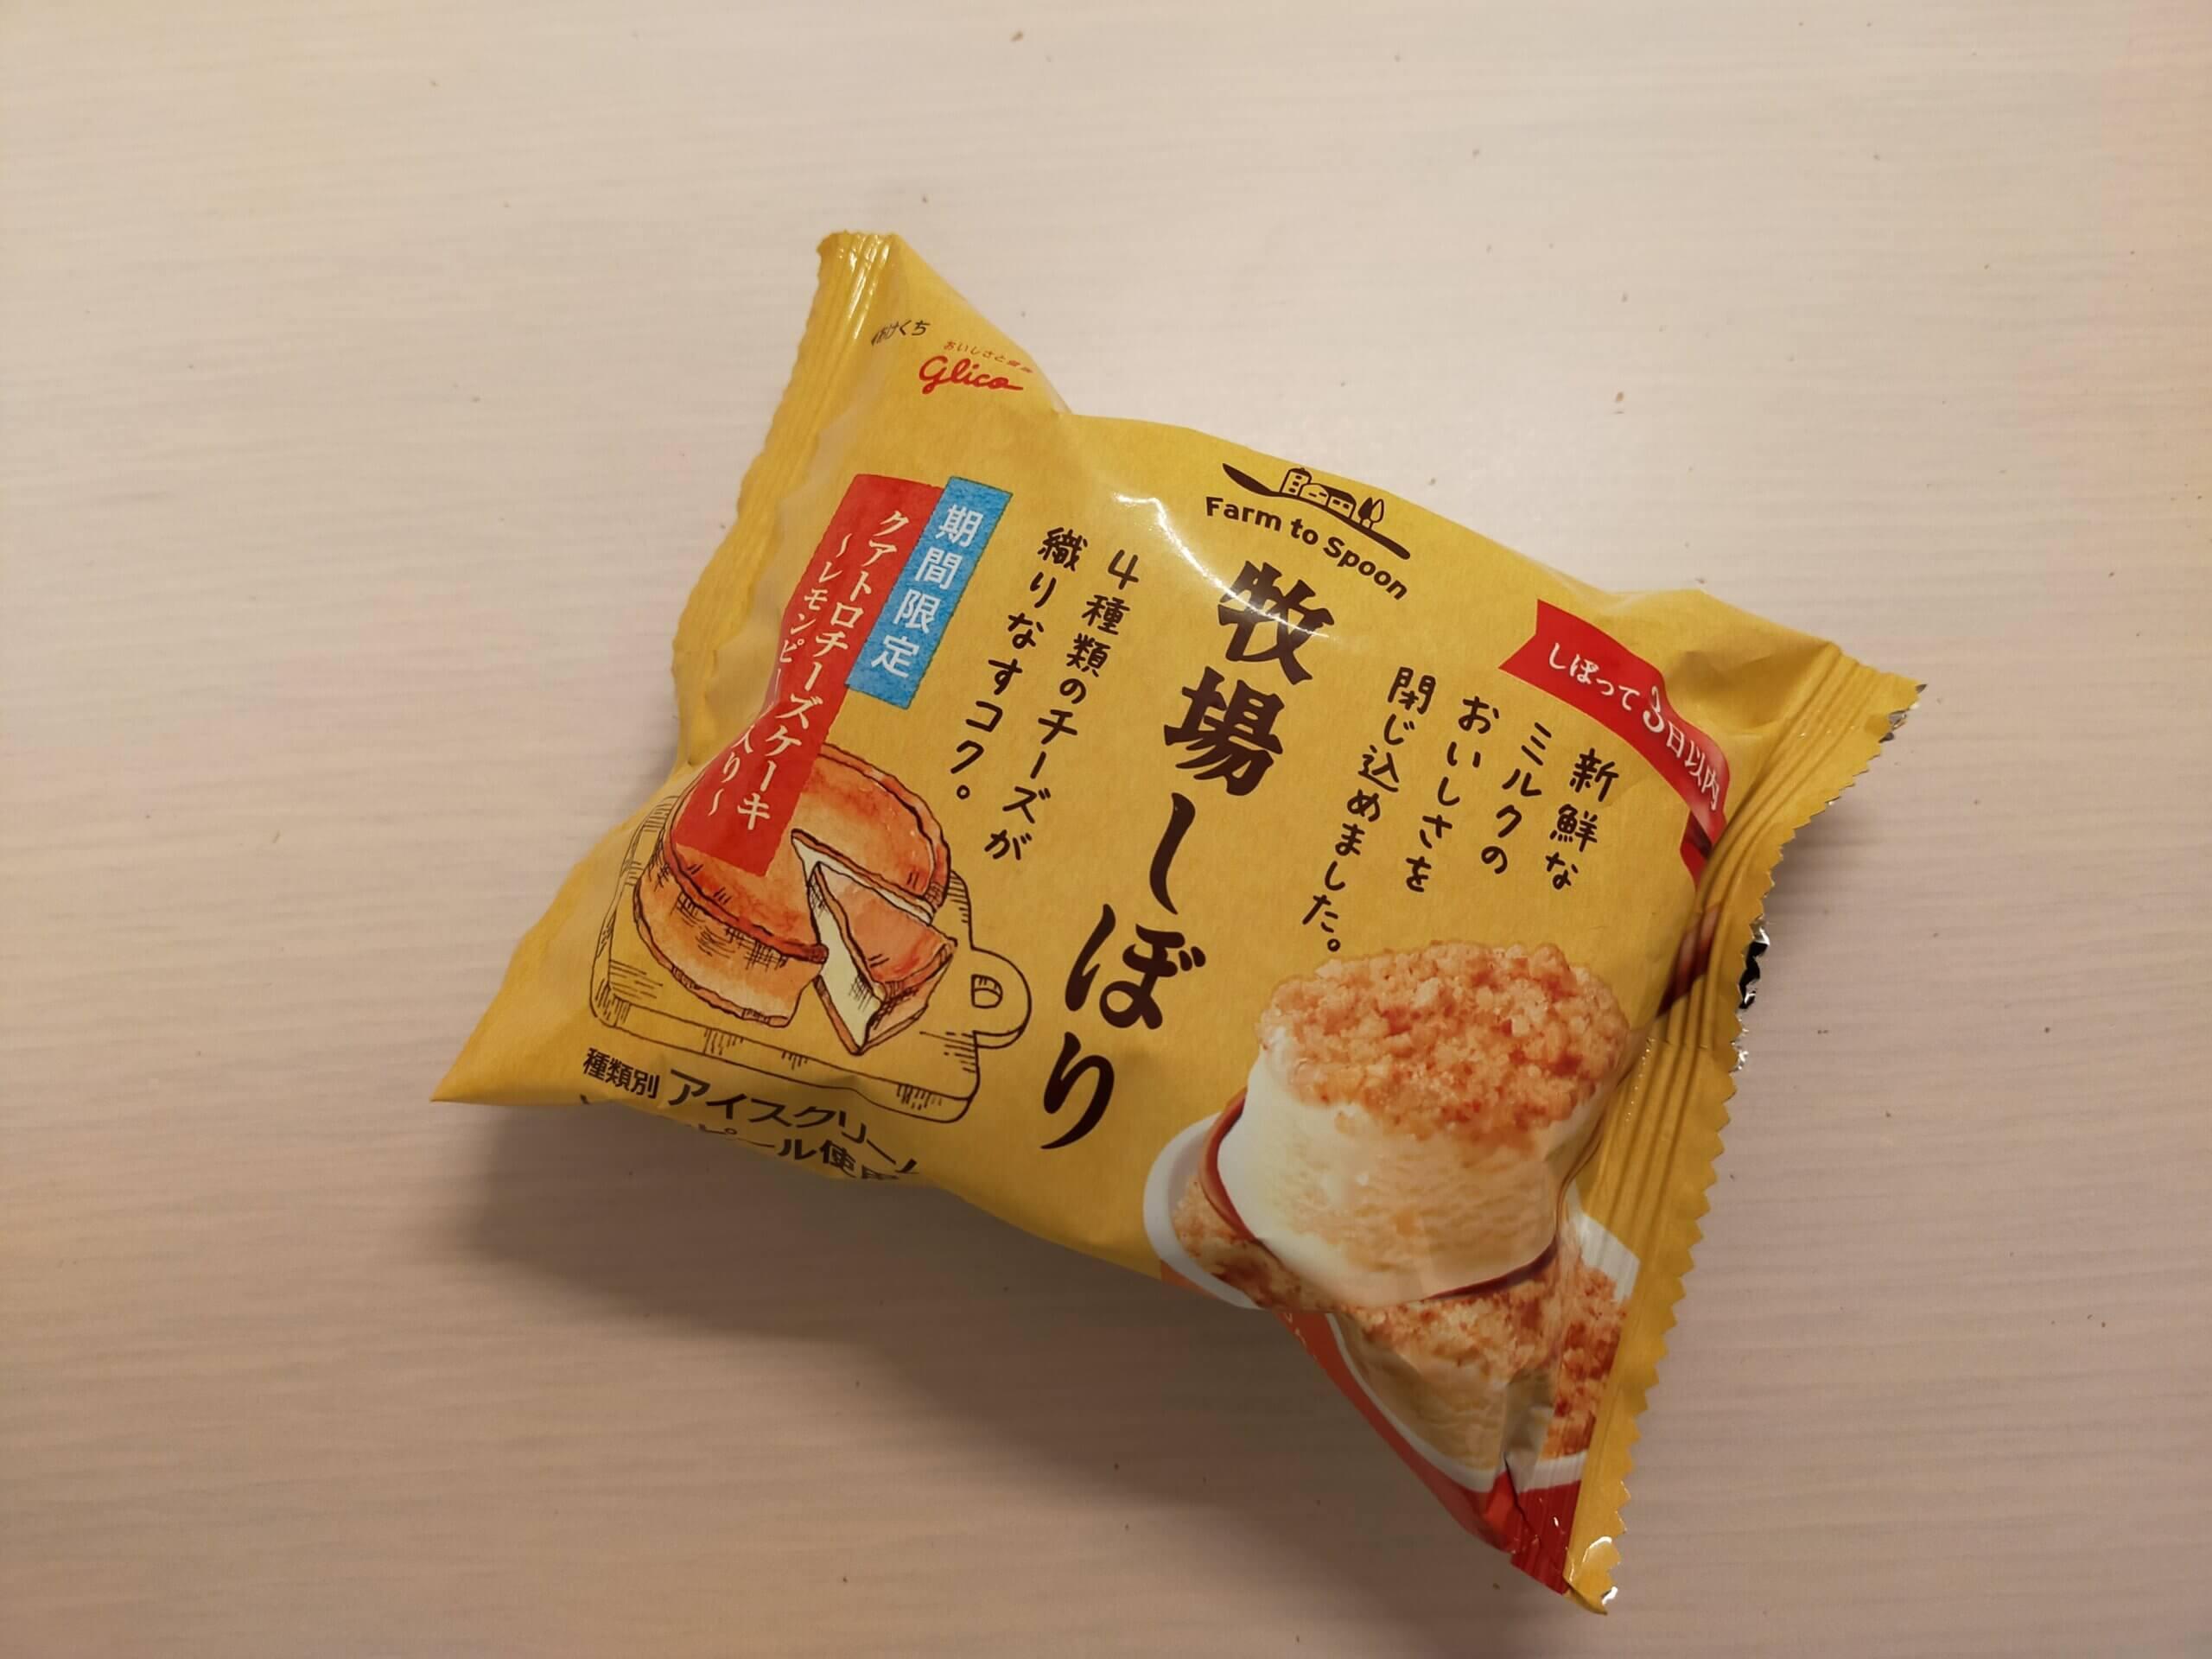 フレンチトースト/肉じゃが/牧場しぼりクアトロチーズケーキ~レモンピール入り~